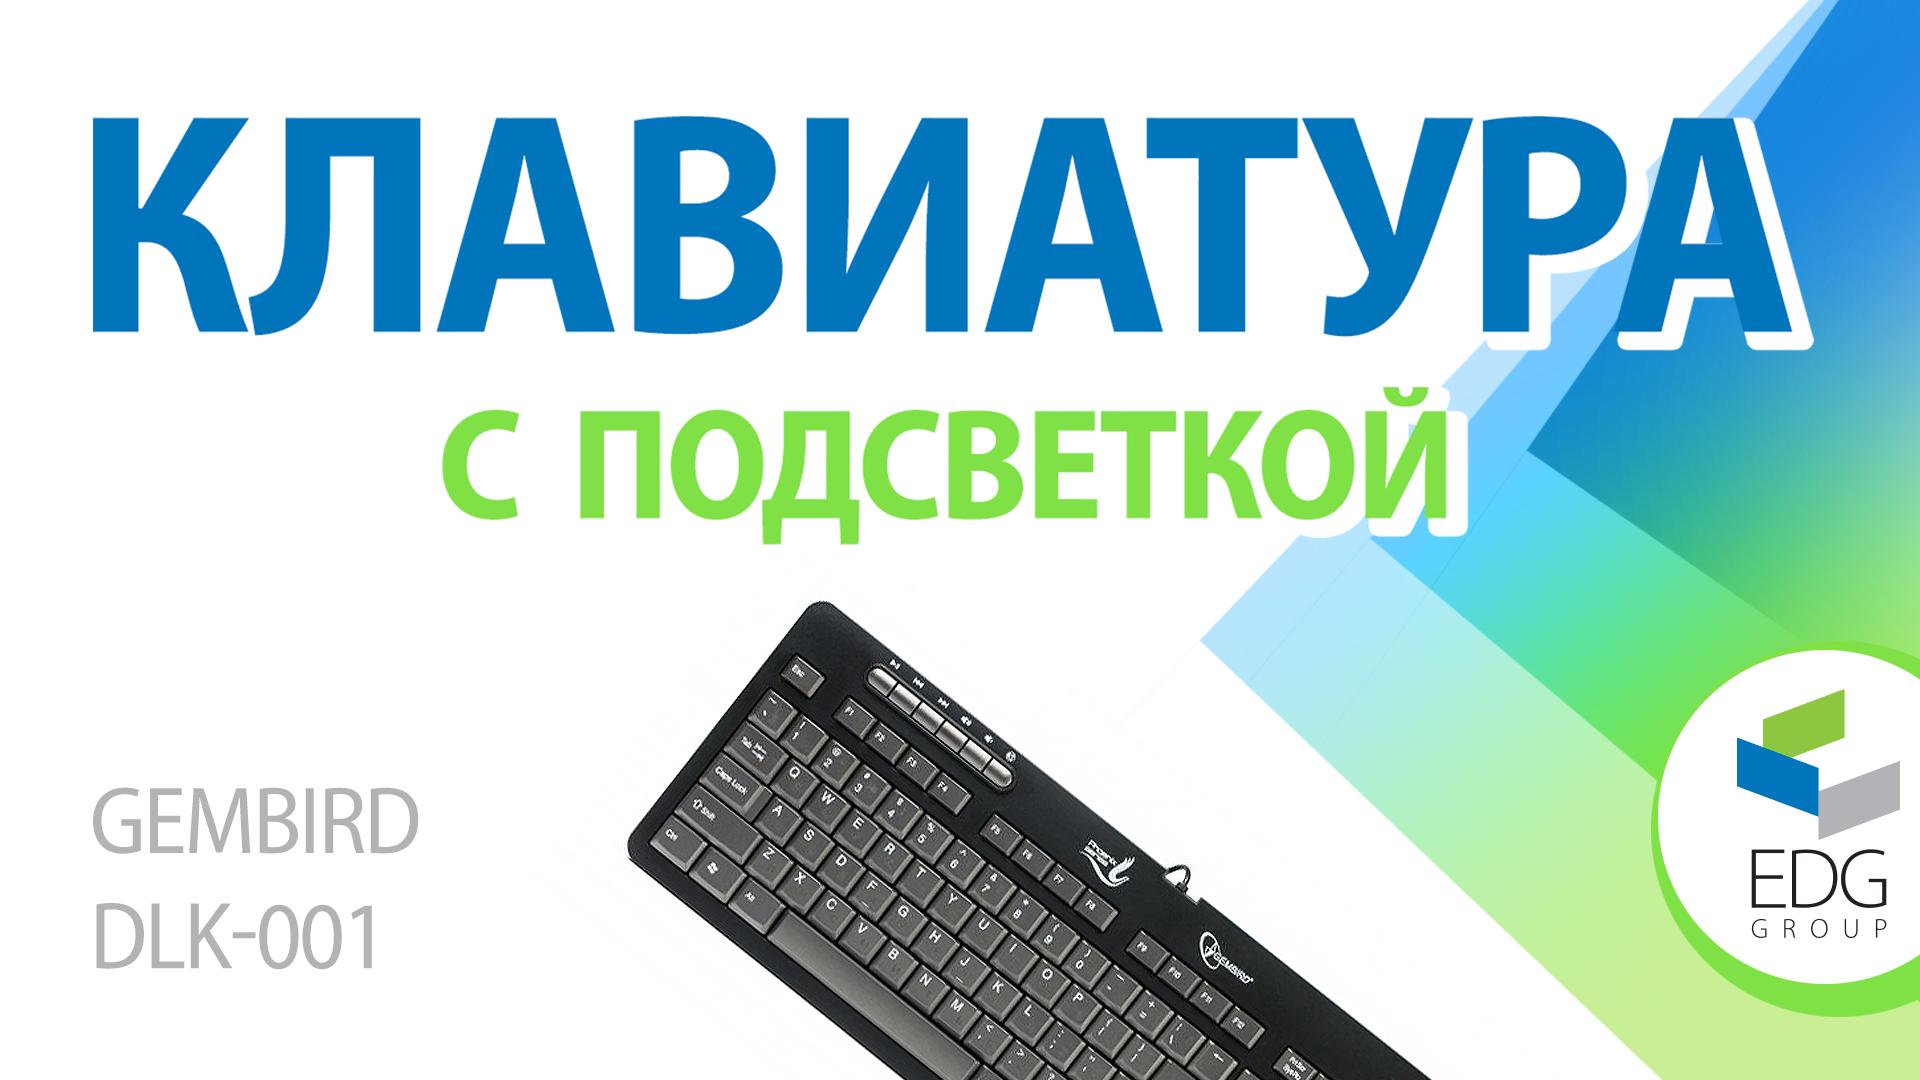 Клавиатура с подсветкой альтернативной раскладки Gembird DLK-001